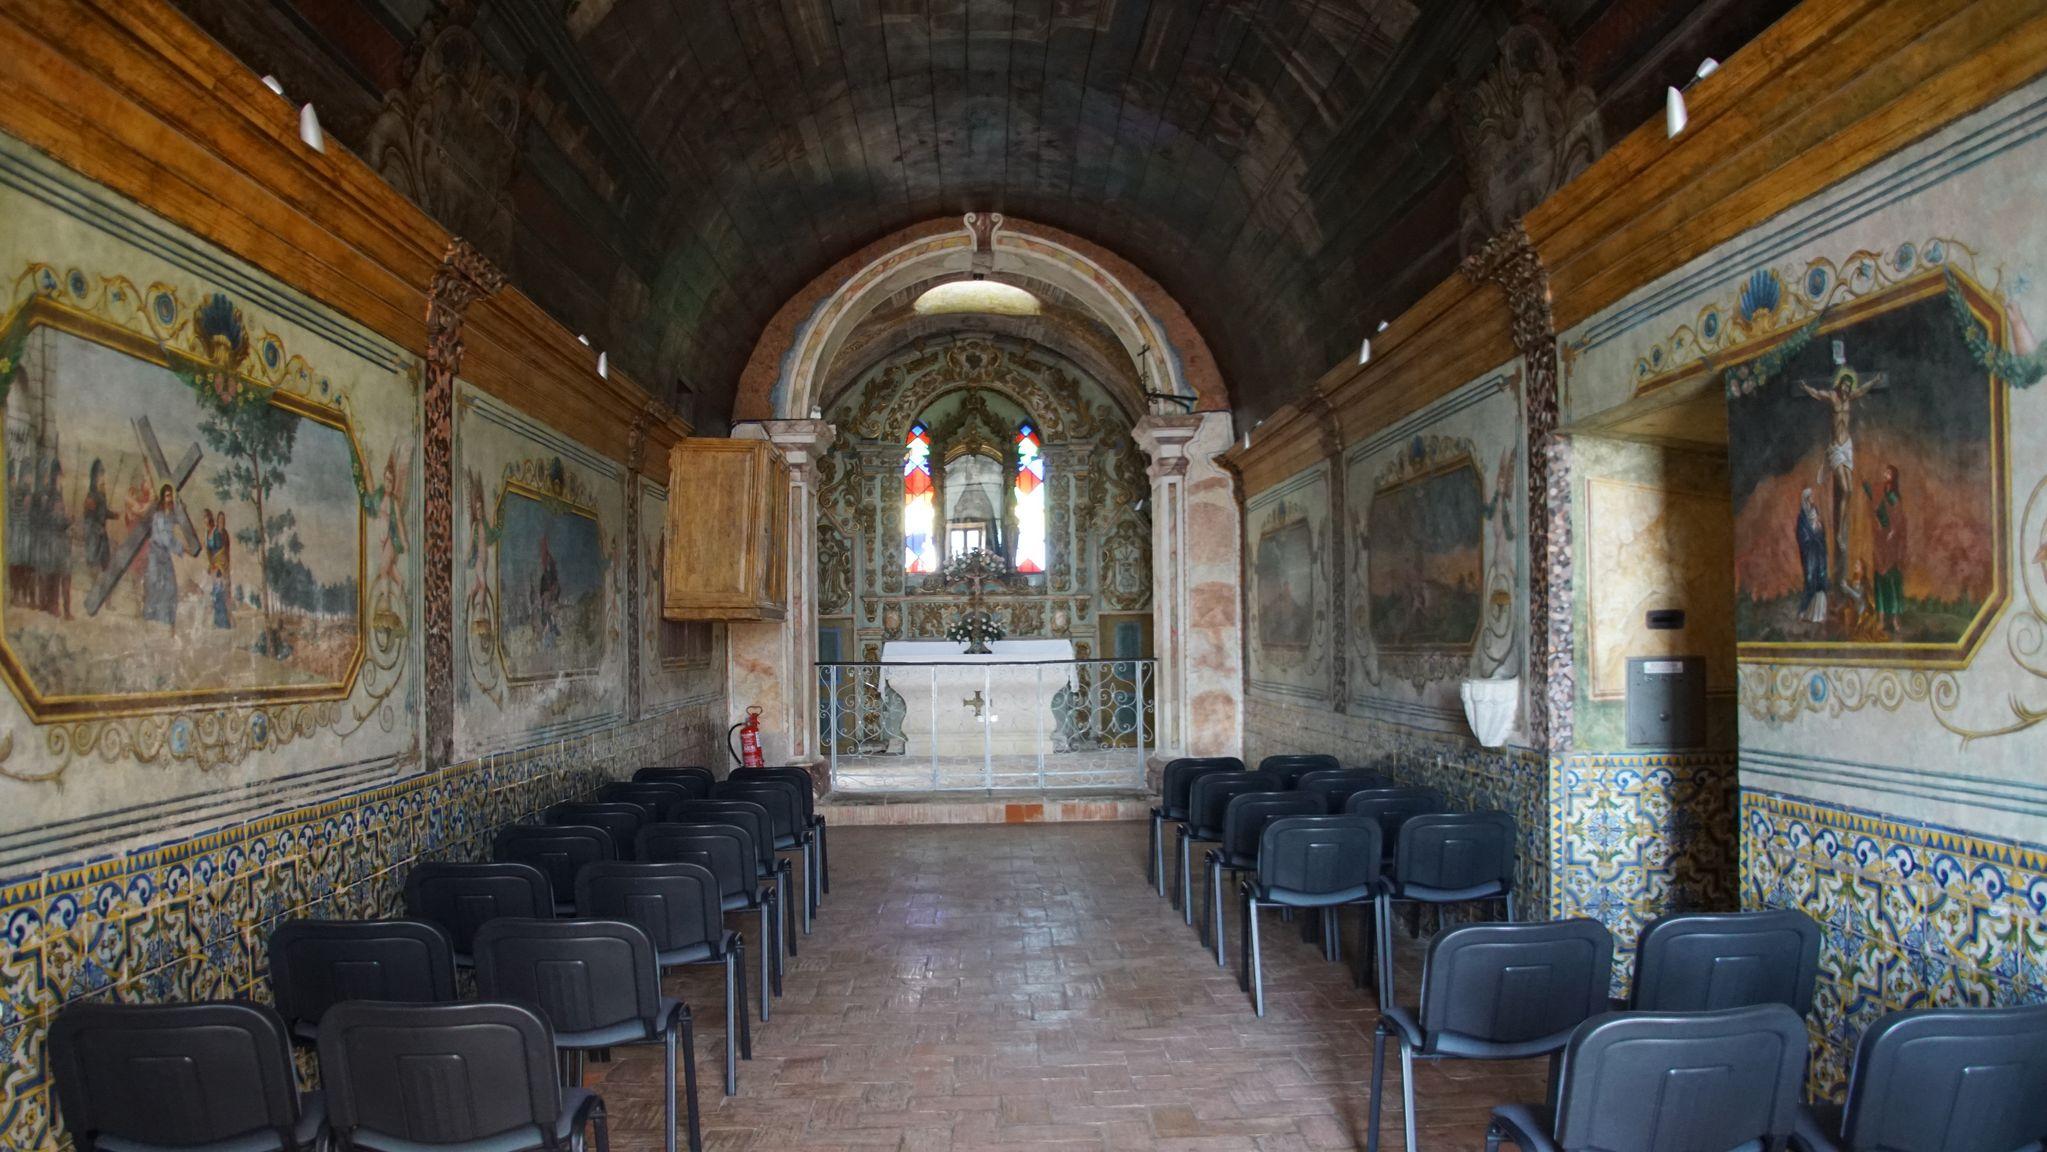 Par contre dans l'ancienne chapelle les murs et le plafond possèdent des peintures sur bois magnifiques